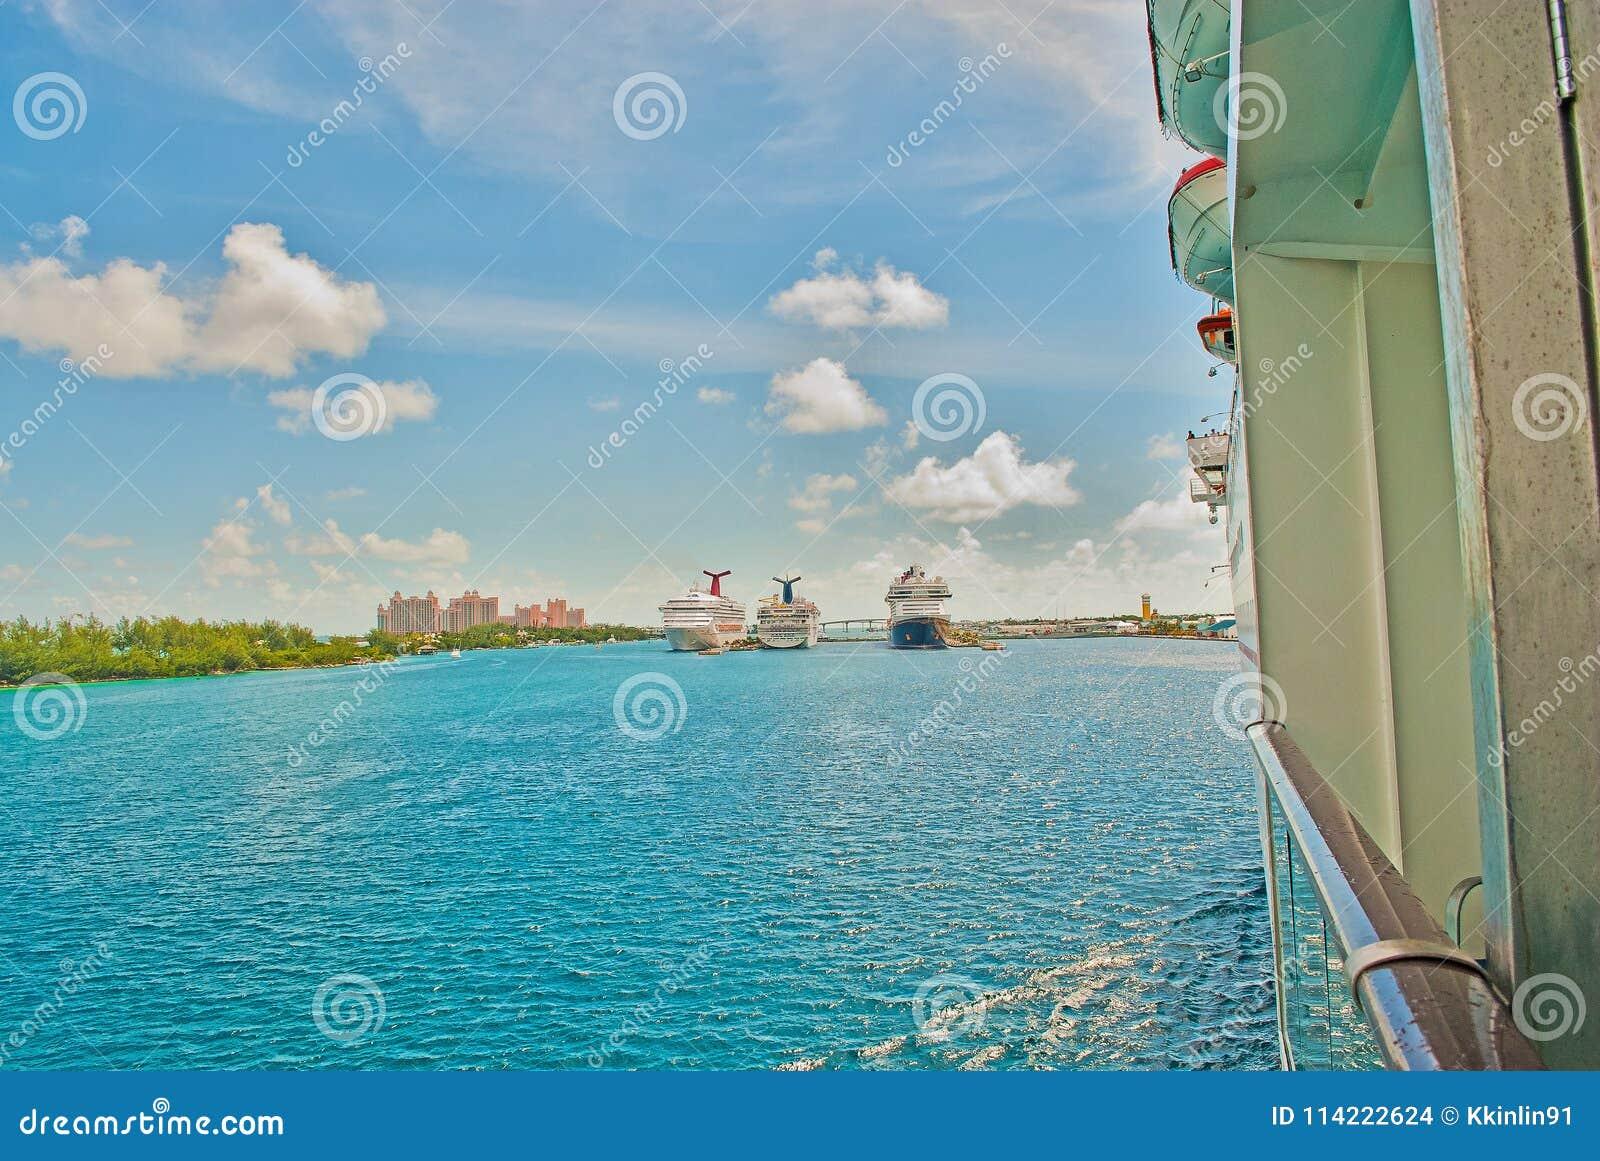 加勒比热带巡航旅行假期